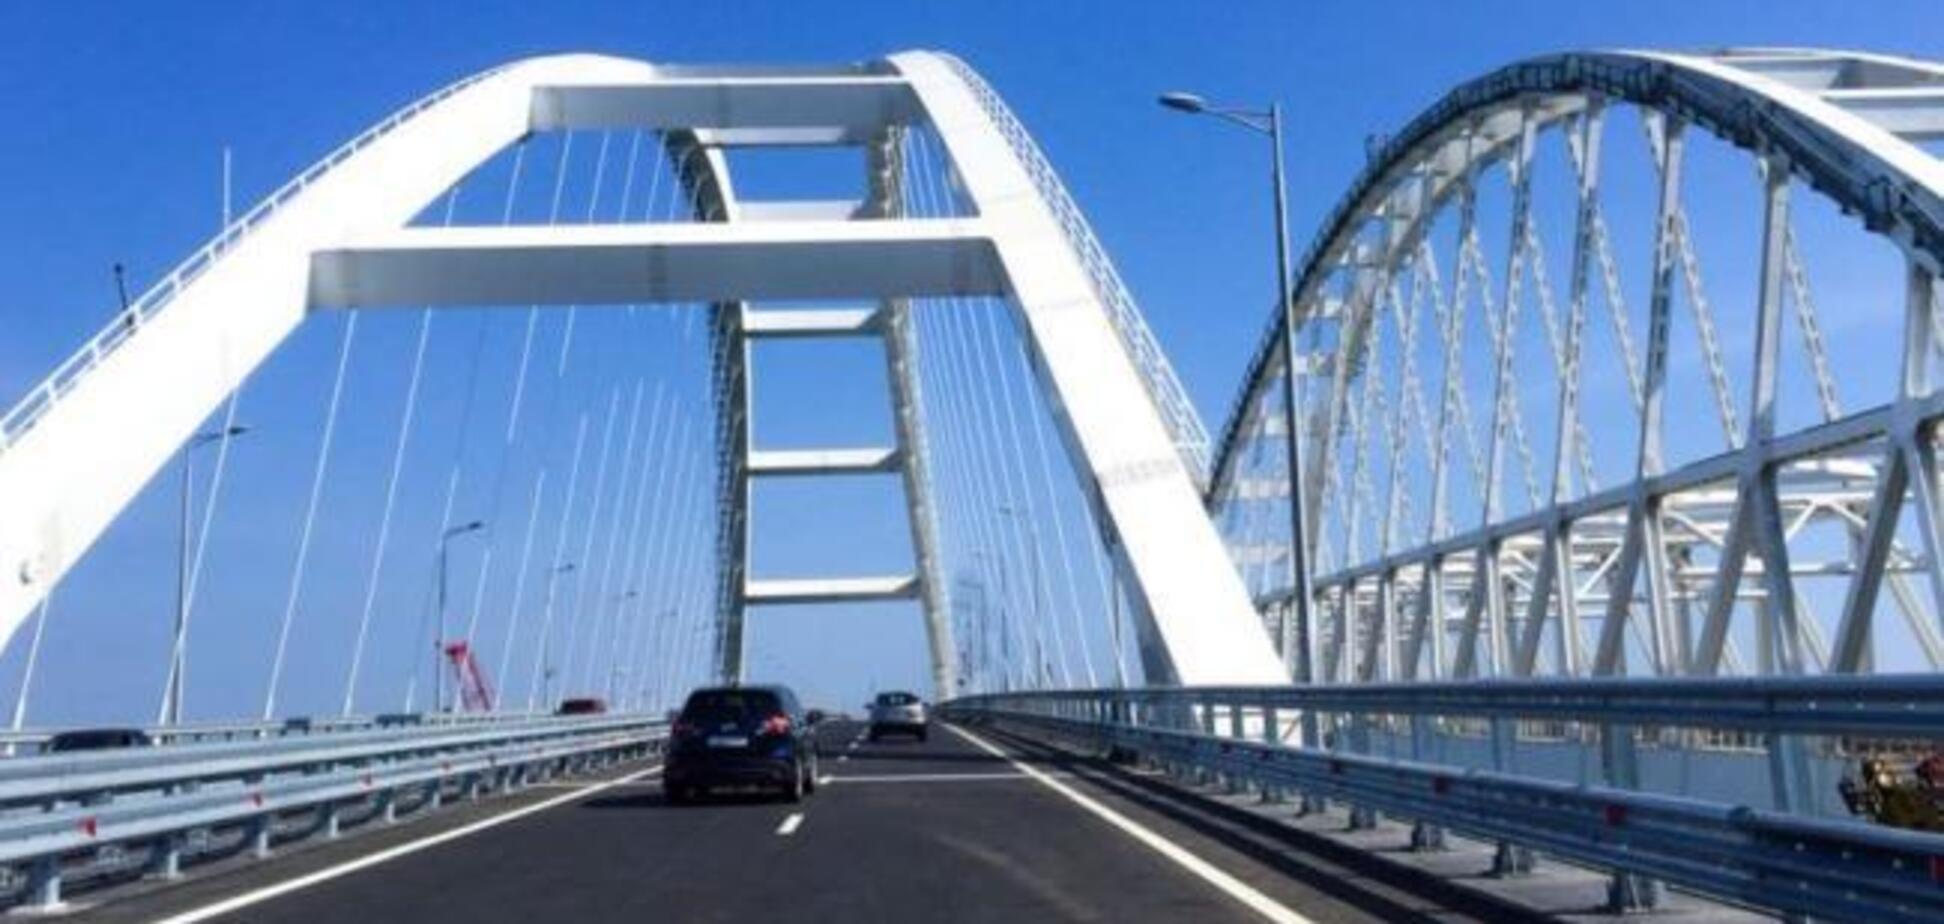 Діставали з моря: скандал із розвалом Кримського мосту отримав продовження